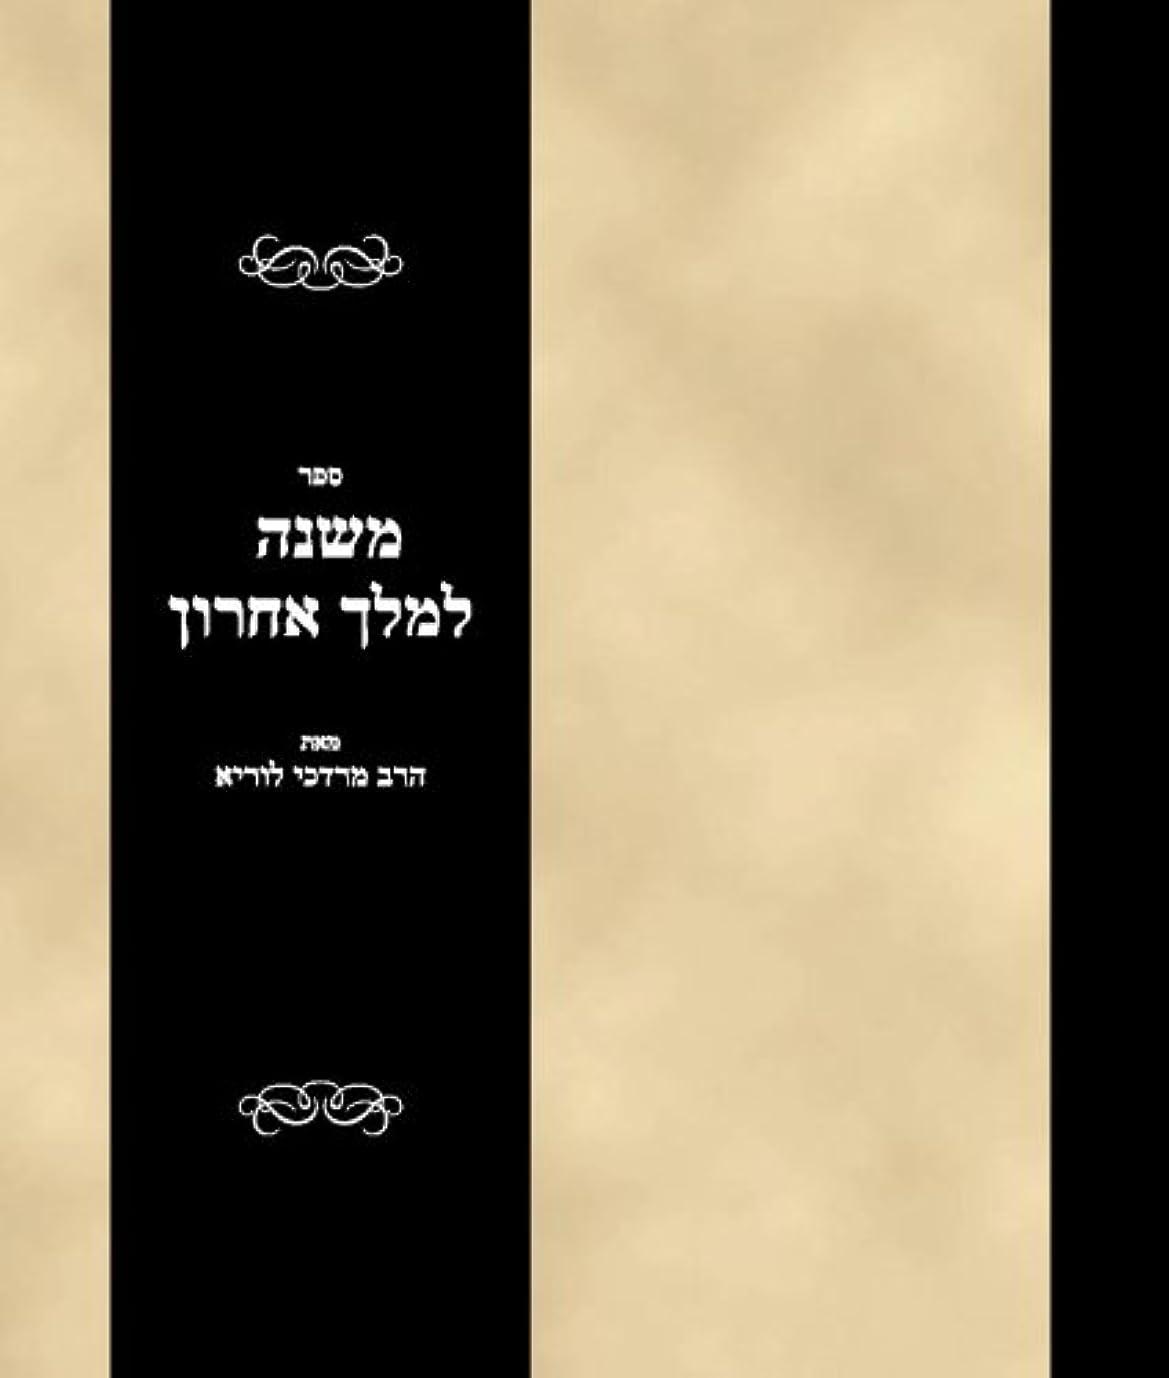 インチ研究ソフィーSefer Mish le-m aharon Acharon